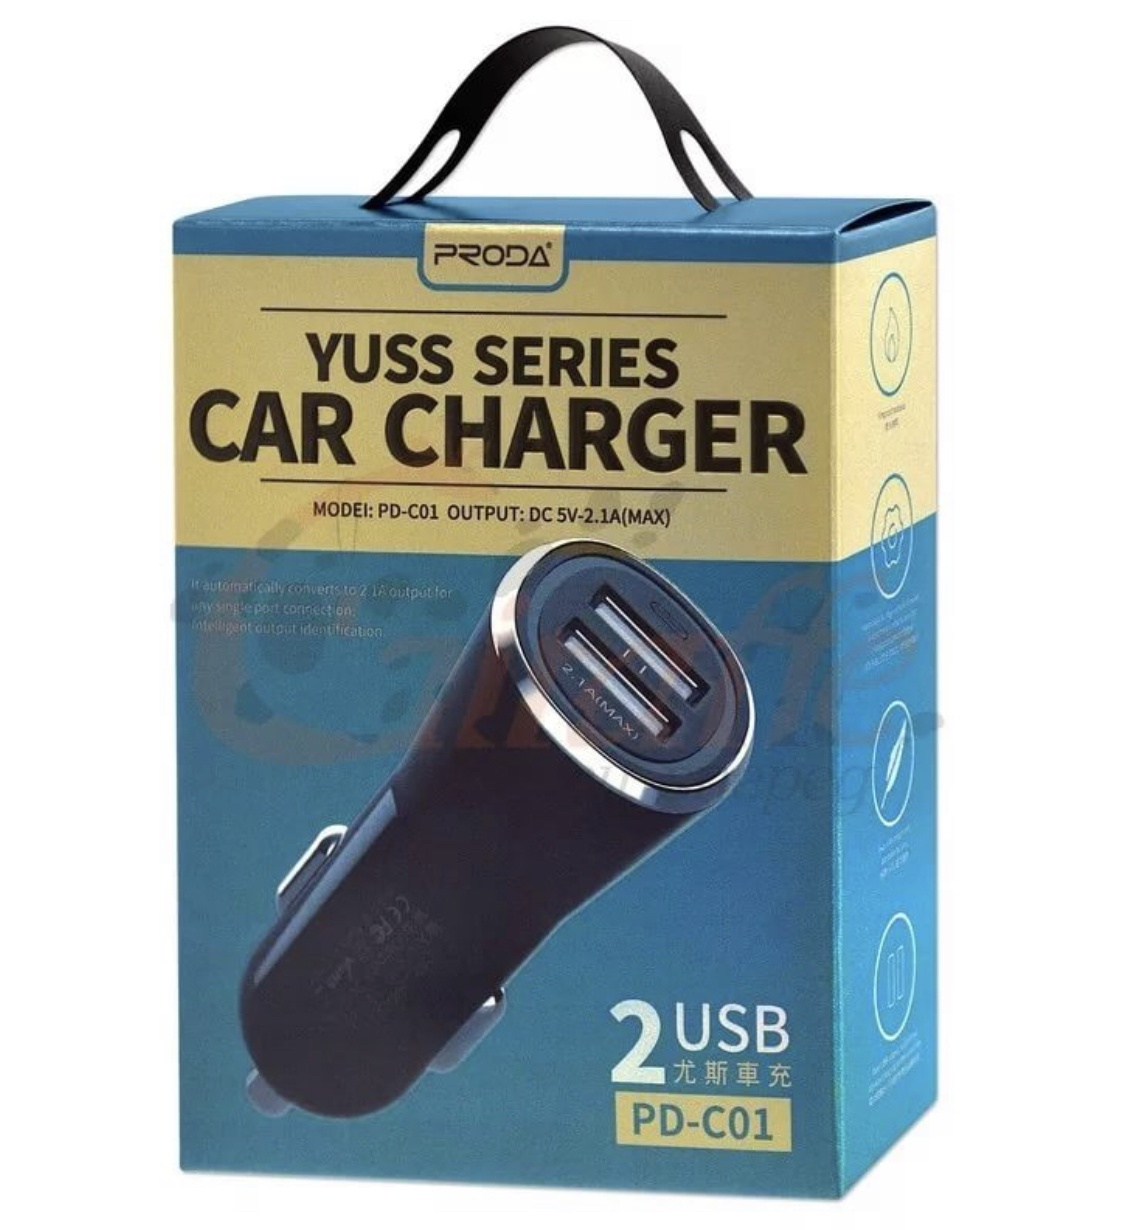 Автомобильное зарядное устройство PRODA Car charger yuss series PD-C01, YSC-2119, черный цена и фото